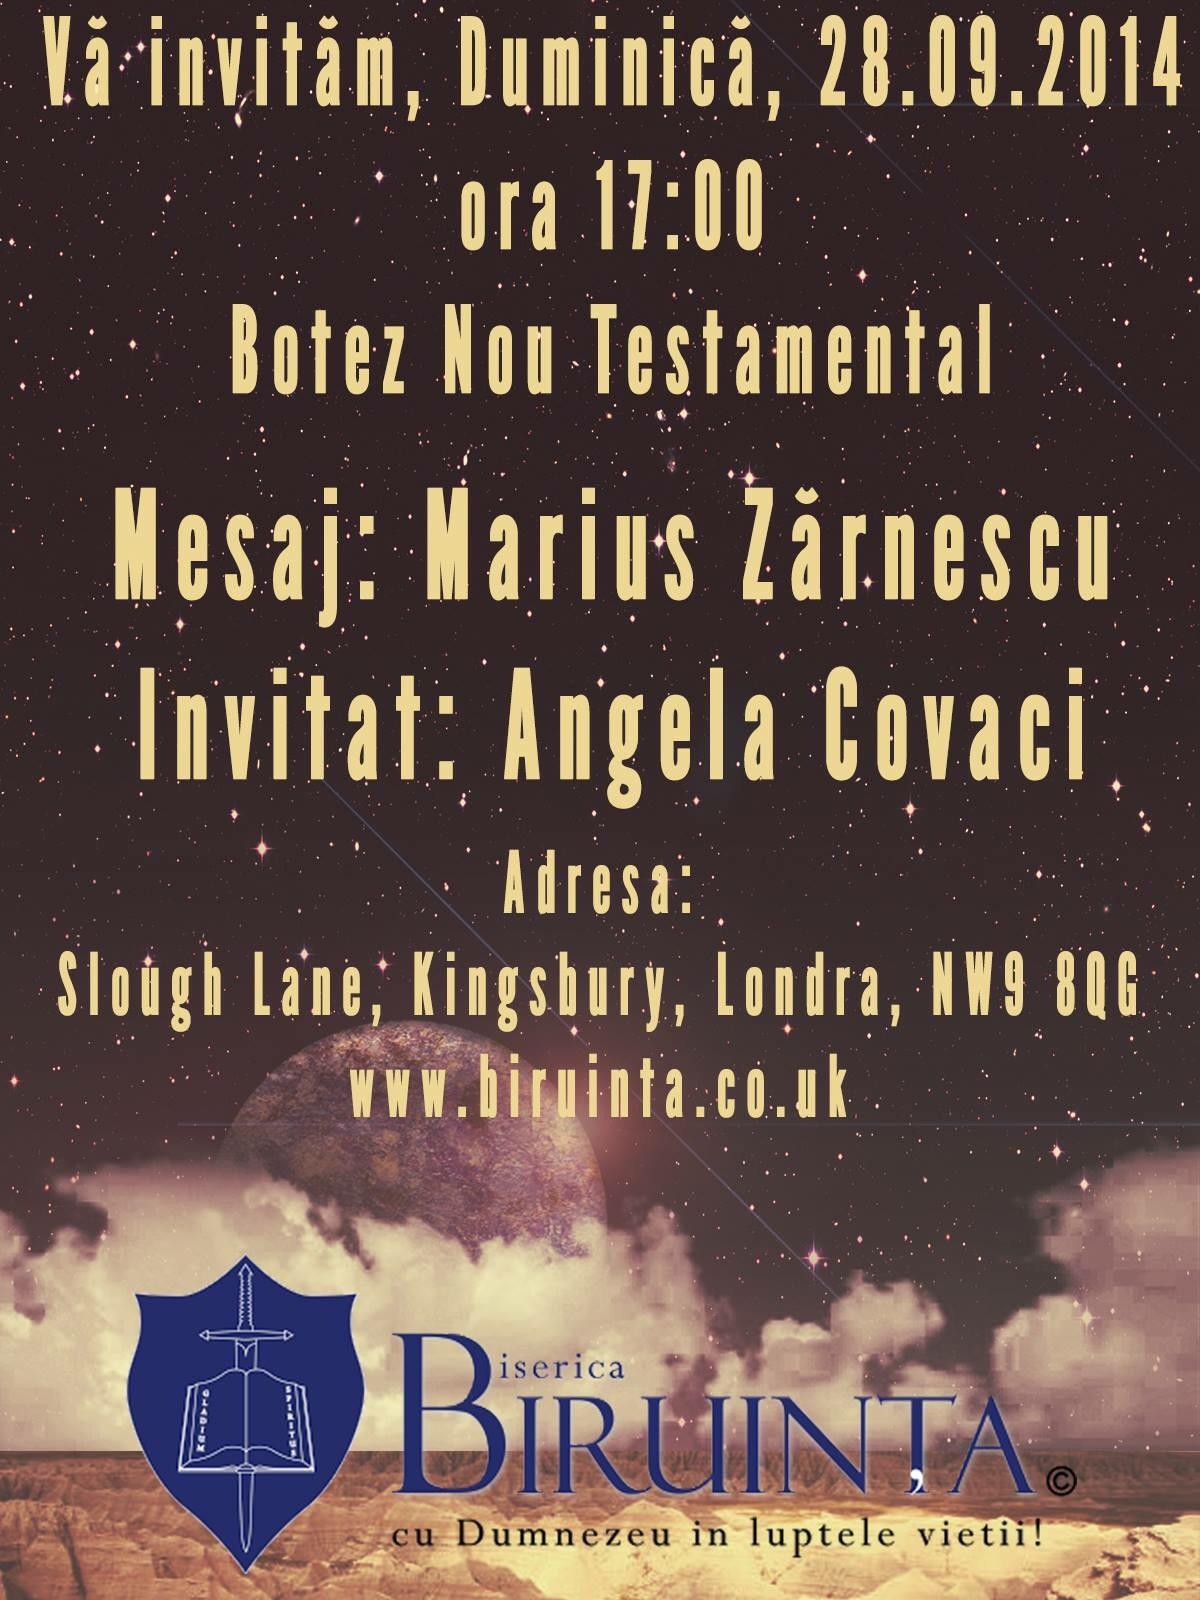 Botez Nou Testamental – Biruinta / Londra